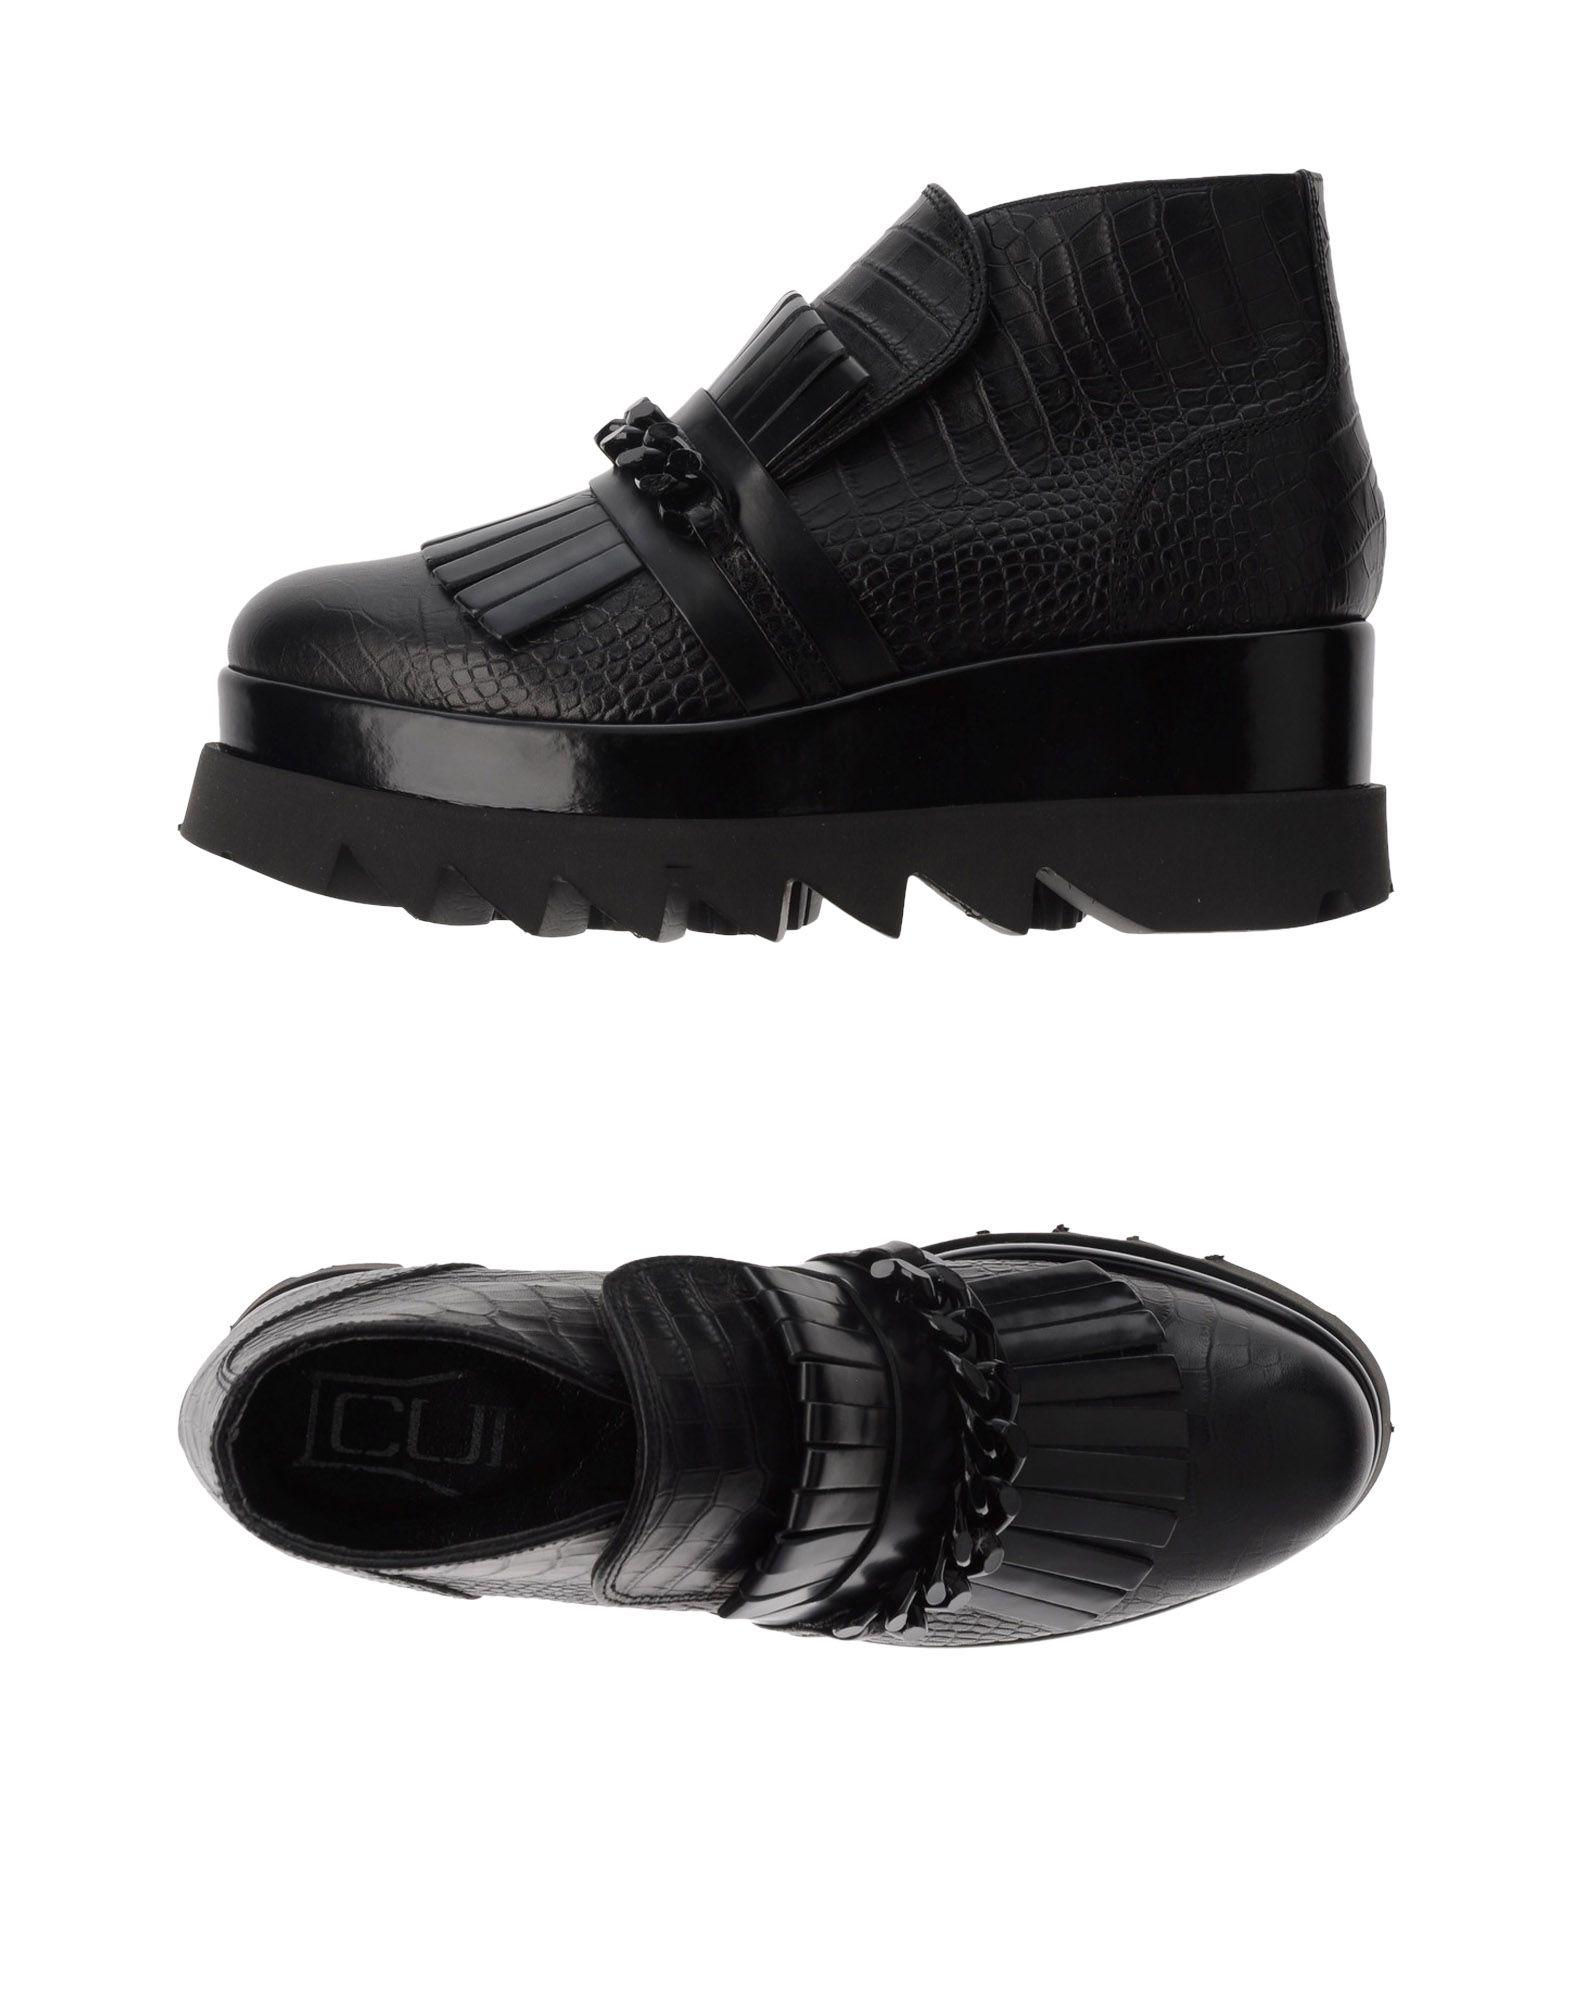 Cult Mokassins Damen  11219000WO Gute Qualität beliebte Schuhe